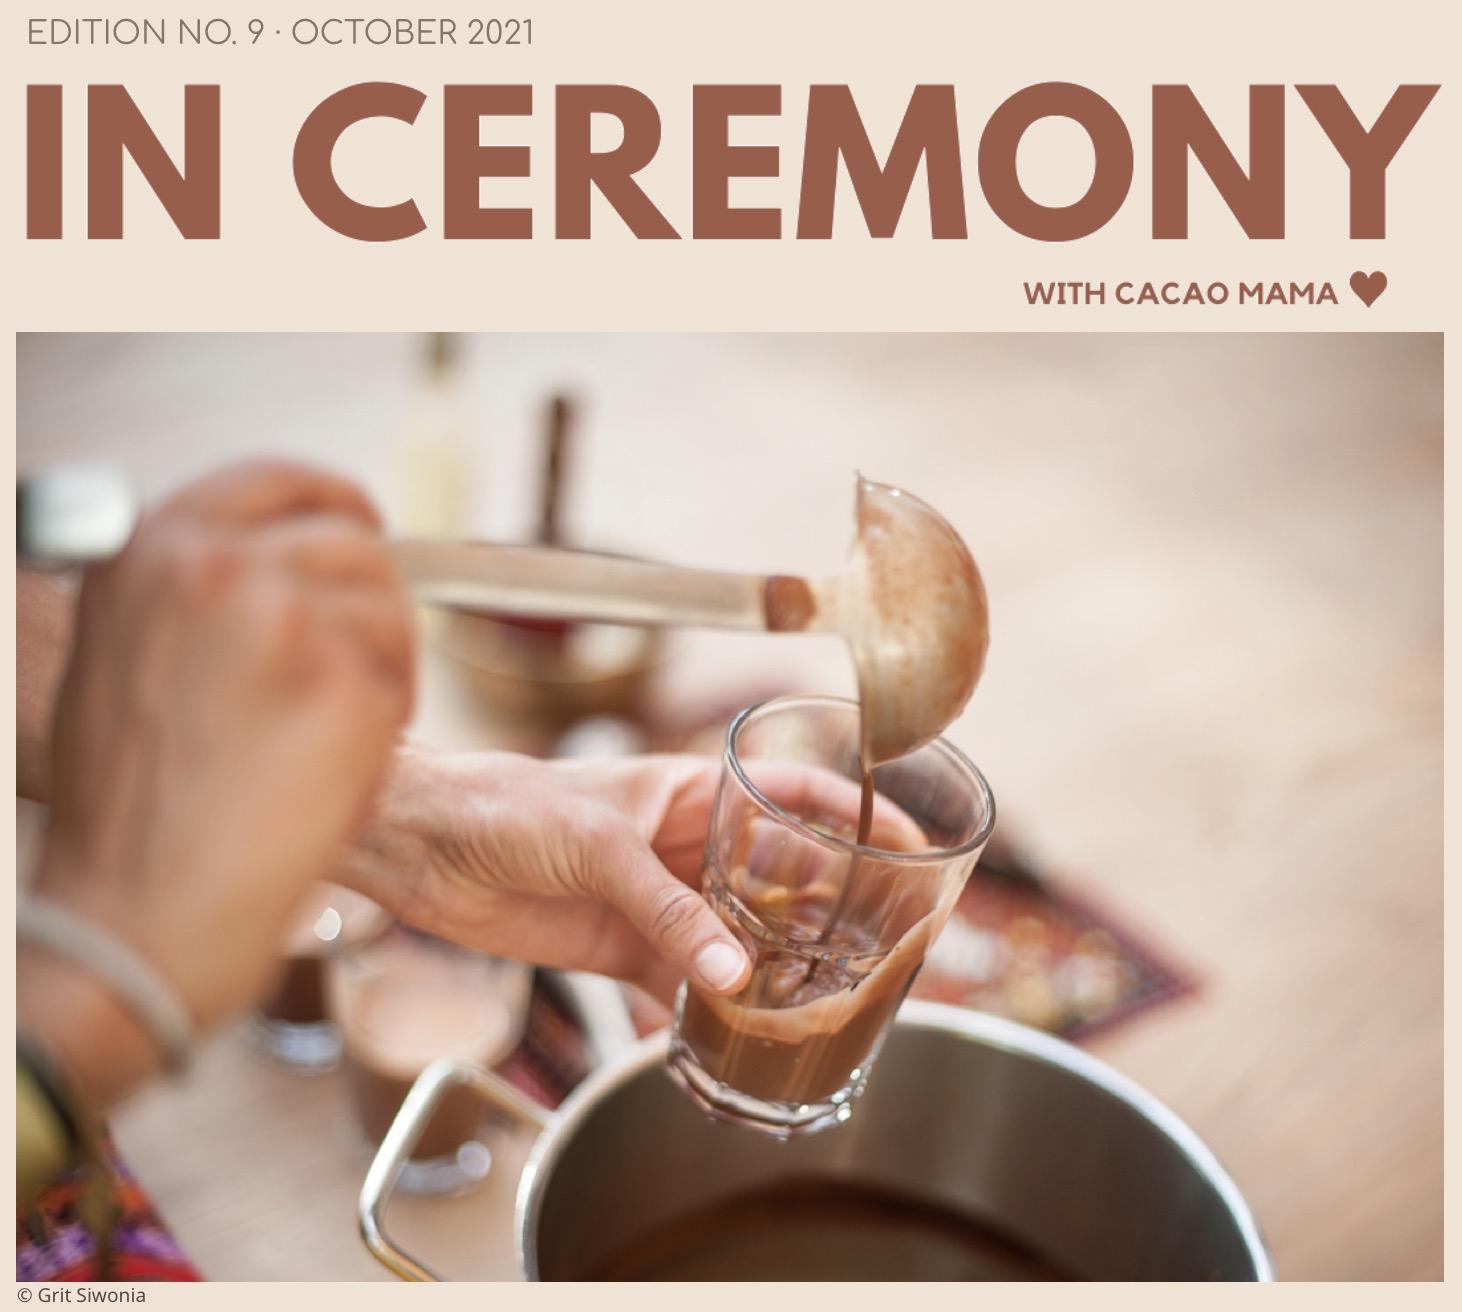 In Ceremony ·  Edition No 9